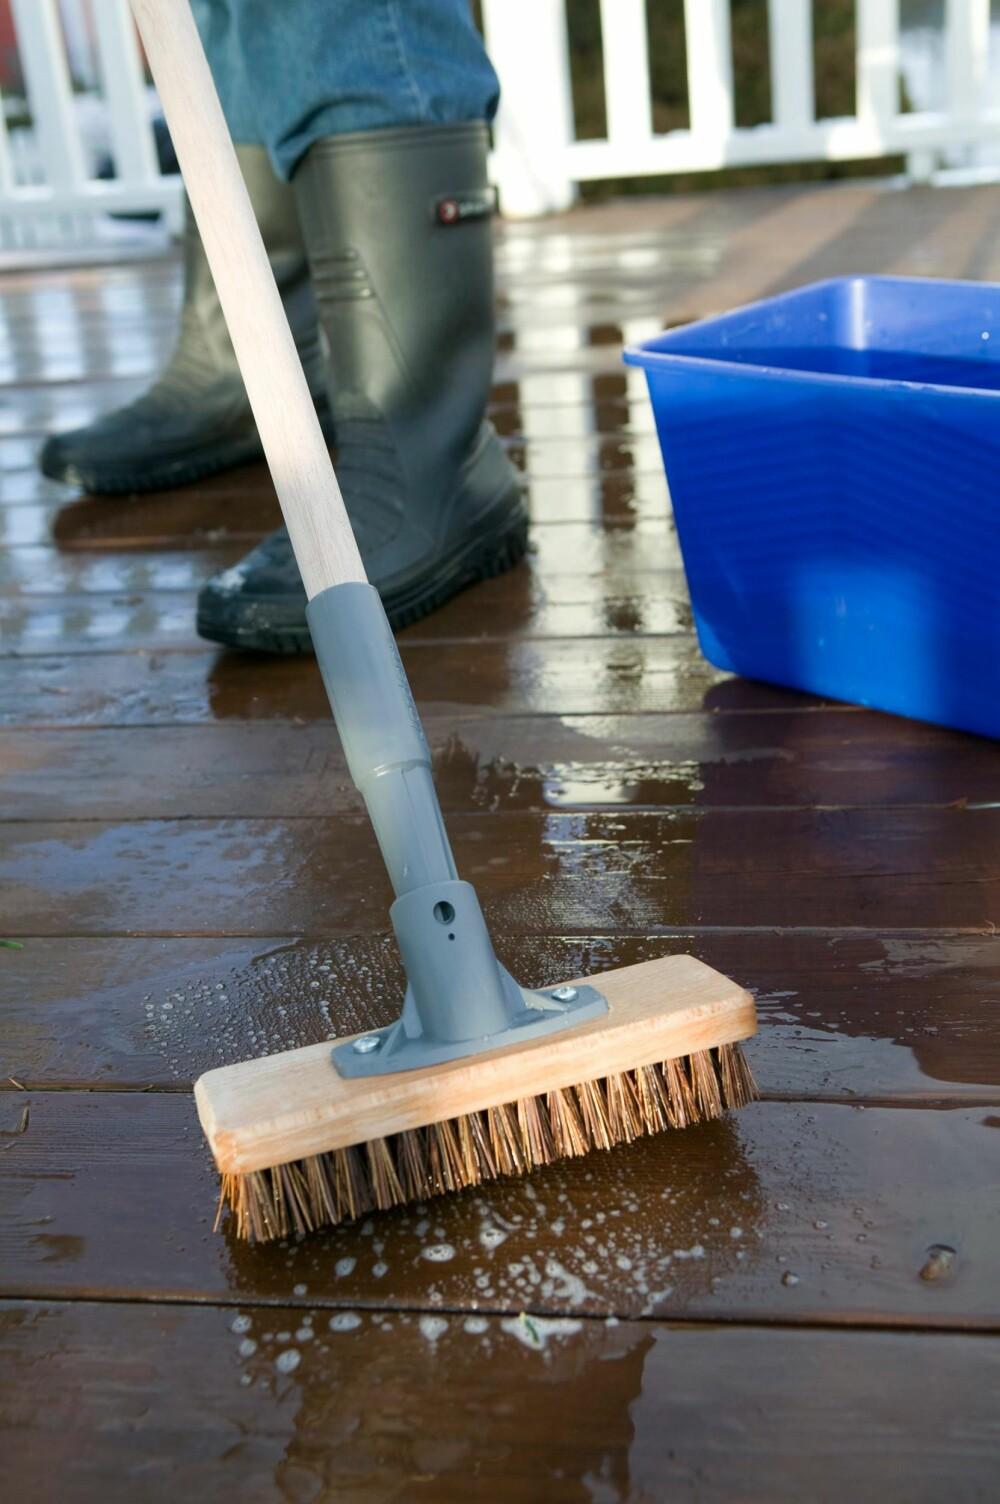 VASKE TERRASSEN: Det er lurt å vaske terrassen godt hvert år. Den vil ofte se bedre og friskere ut i fargen etter en grundig vask.